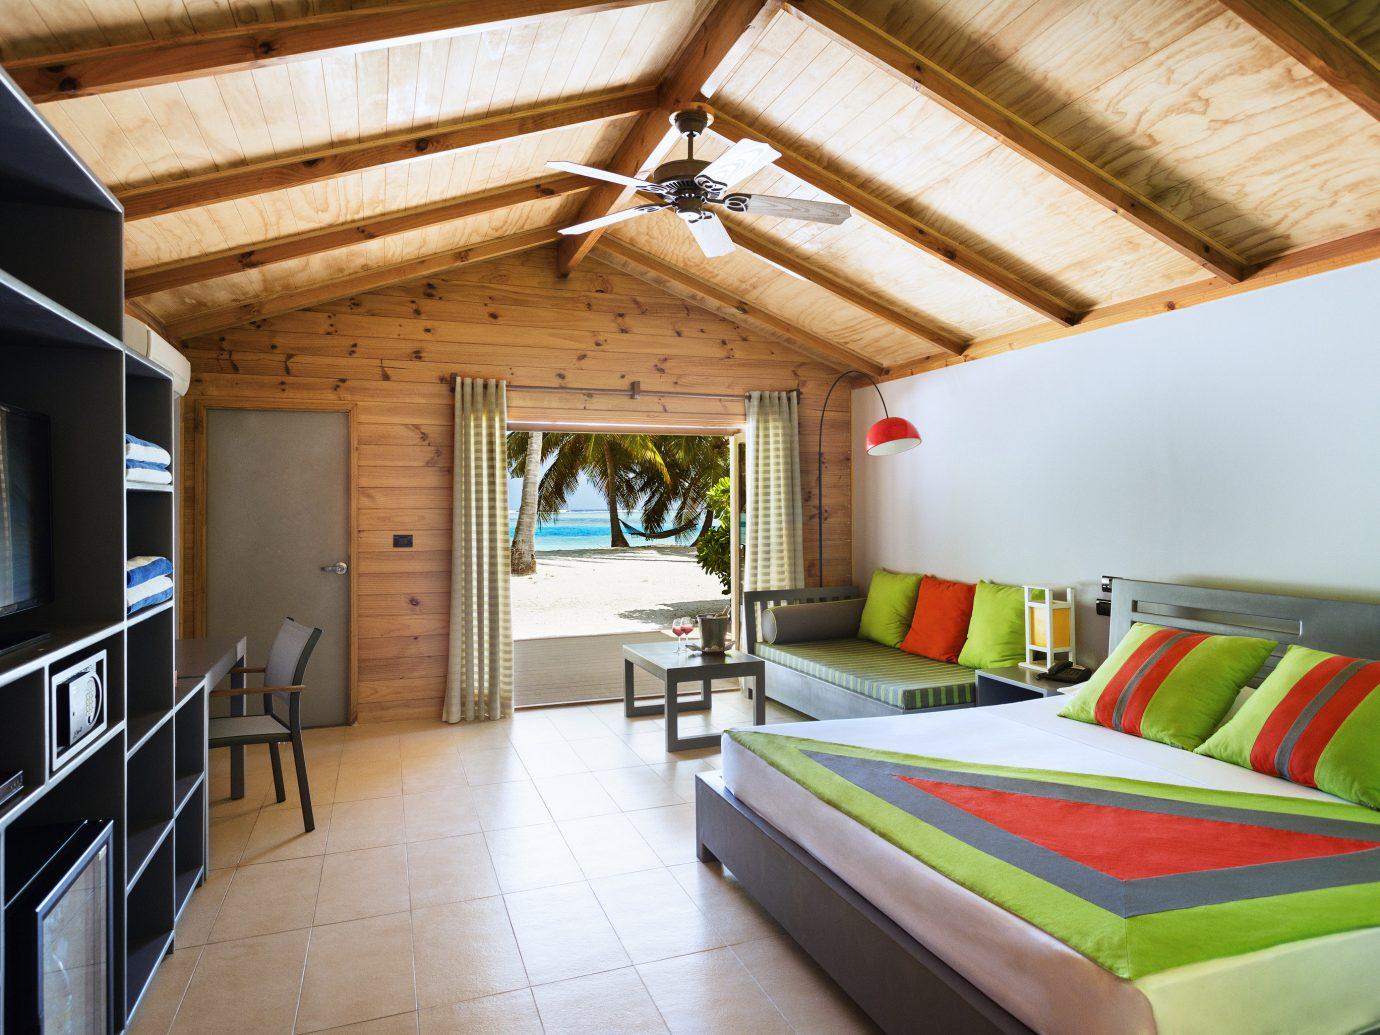 Budget indoor floor ceiling room property building house cottage home estate real estate farmhouse interior design Villa loft Design Bedroom furniture wood